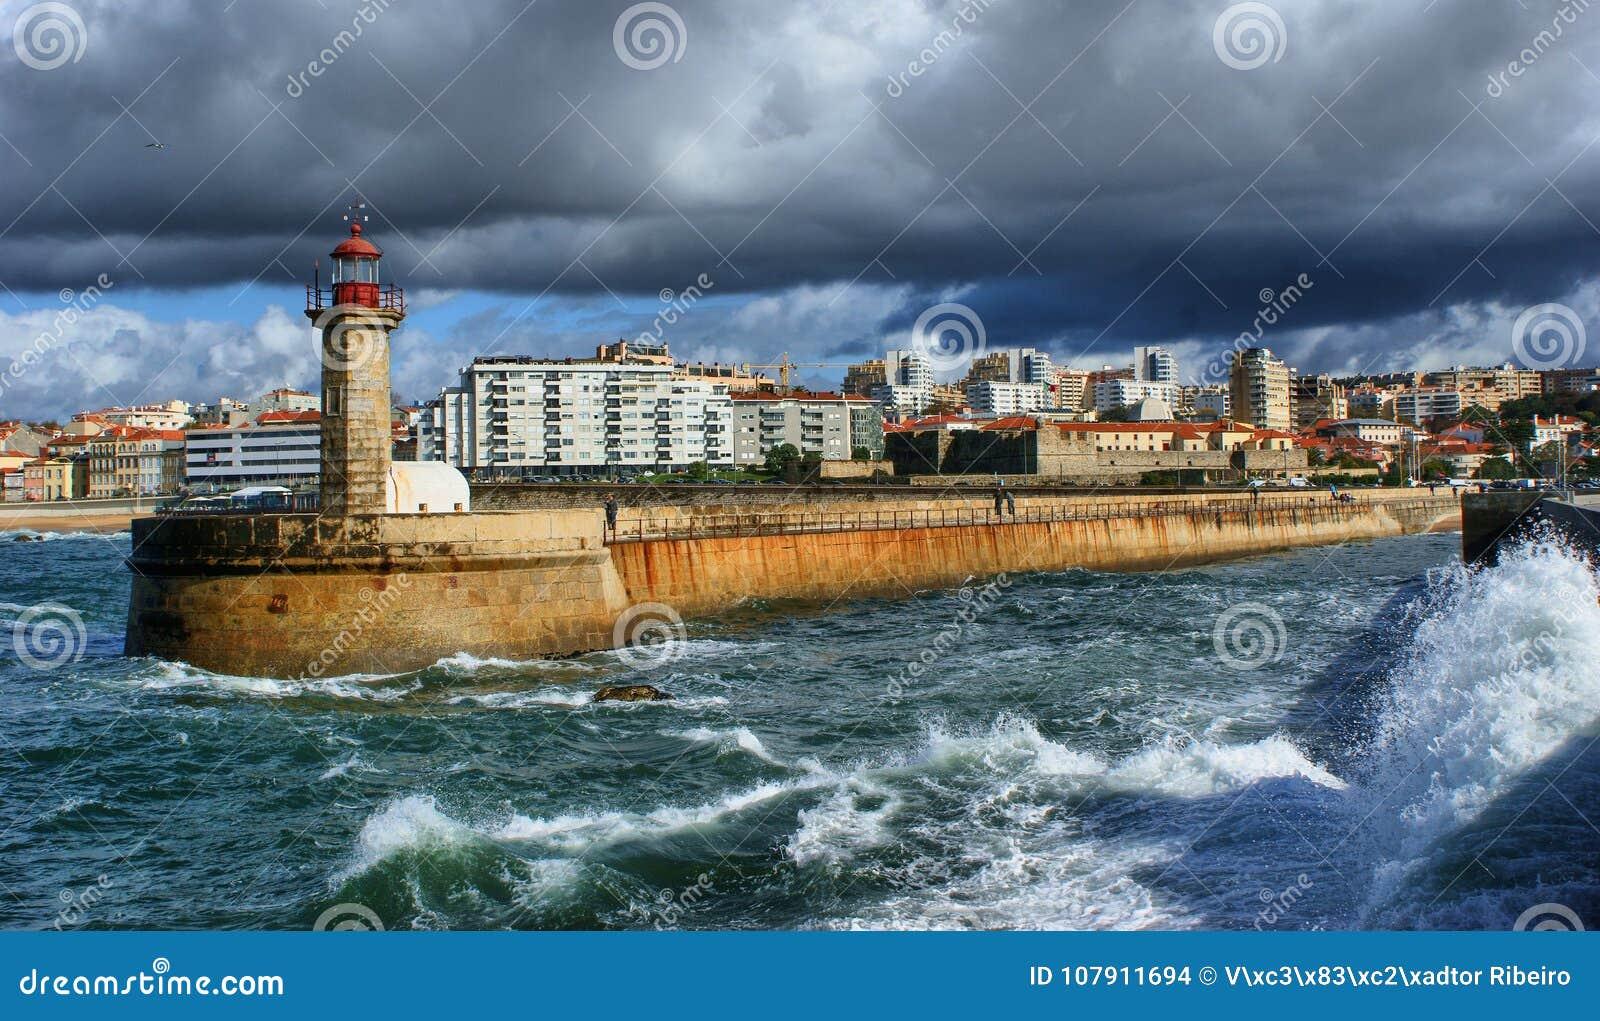 Foz do Douro lighthouse